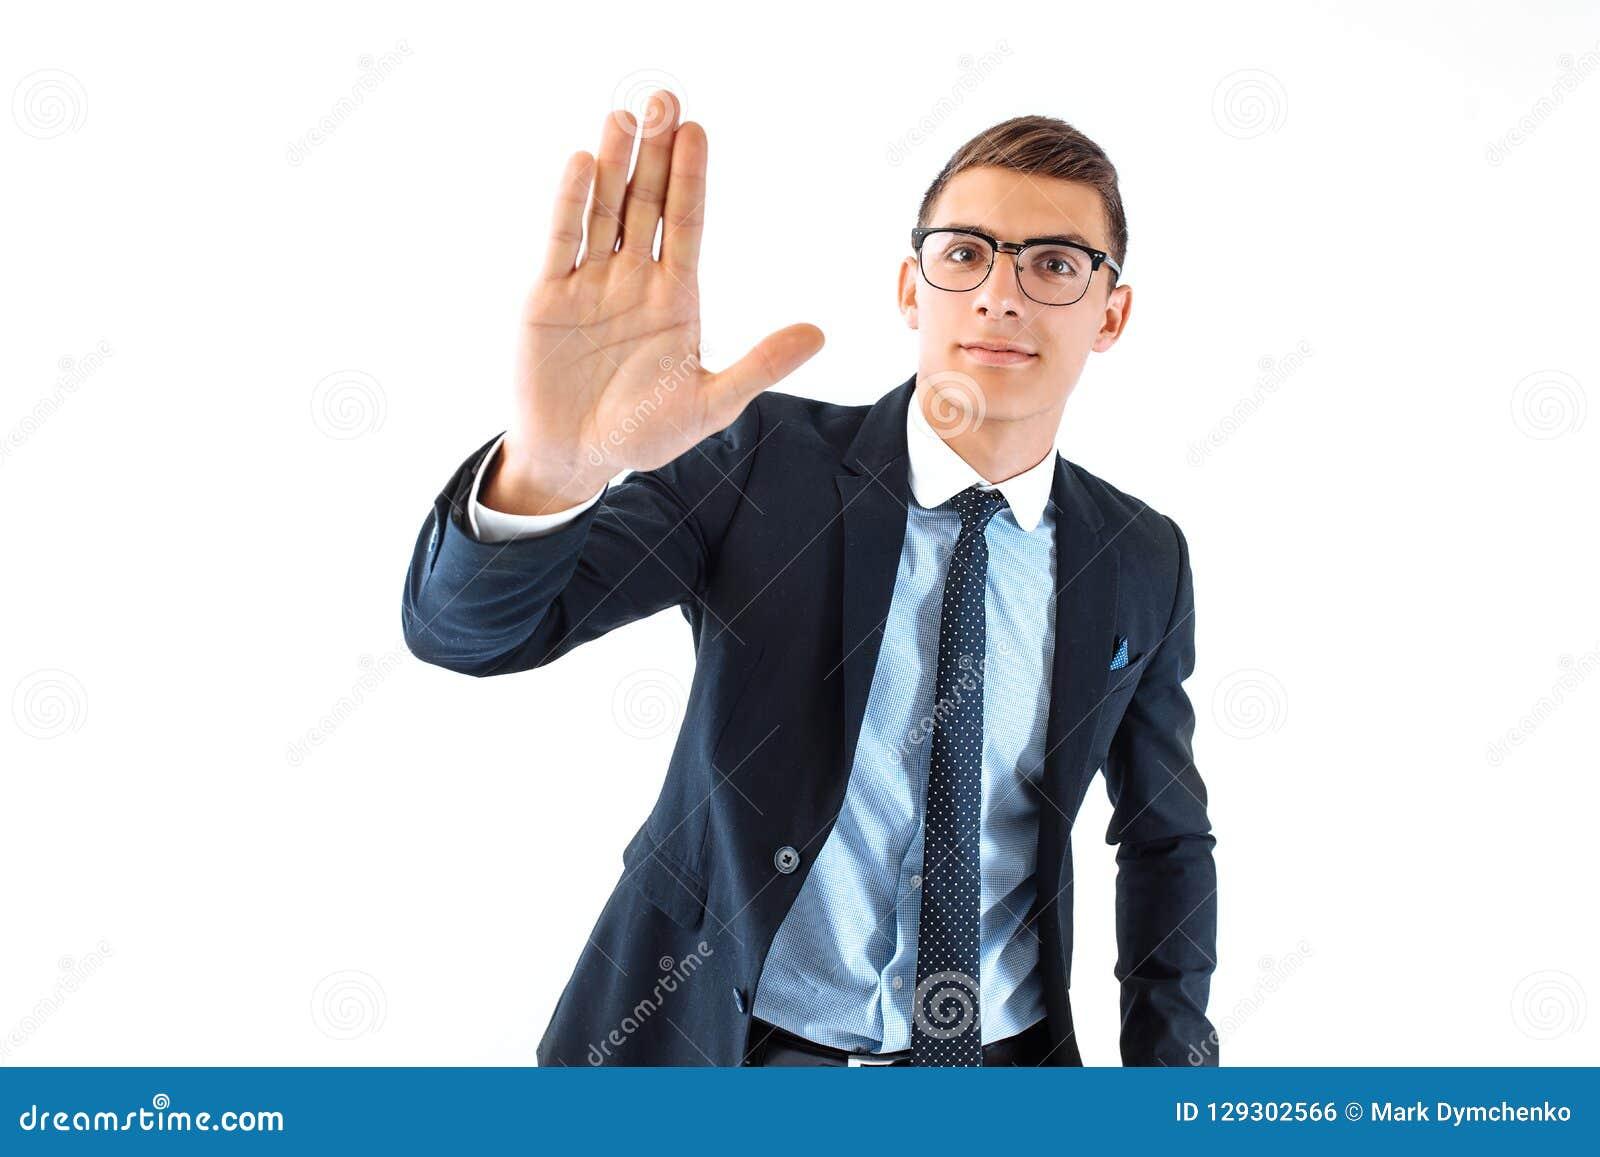 Υψηλά πέντε! ένας επιτυχής επιχειρηματίας στα θεάματα και το κοστούμι δείχνουν